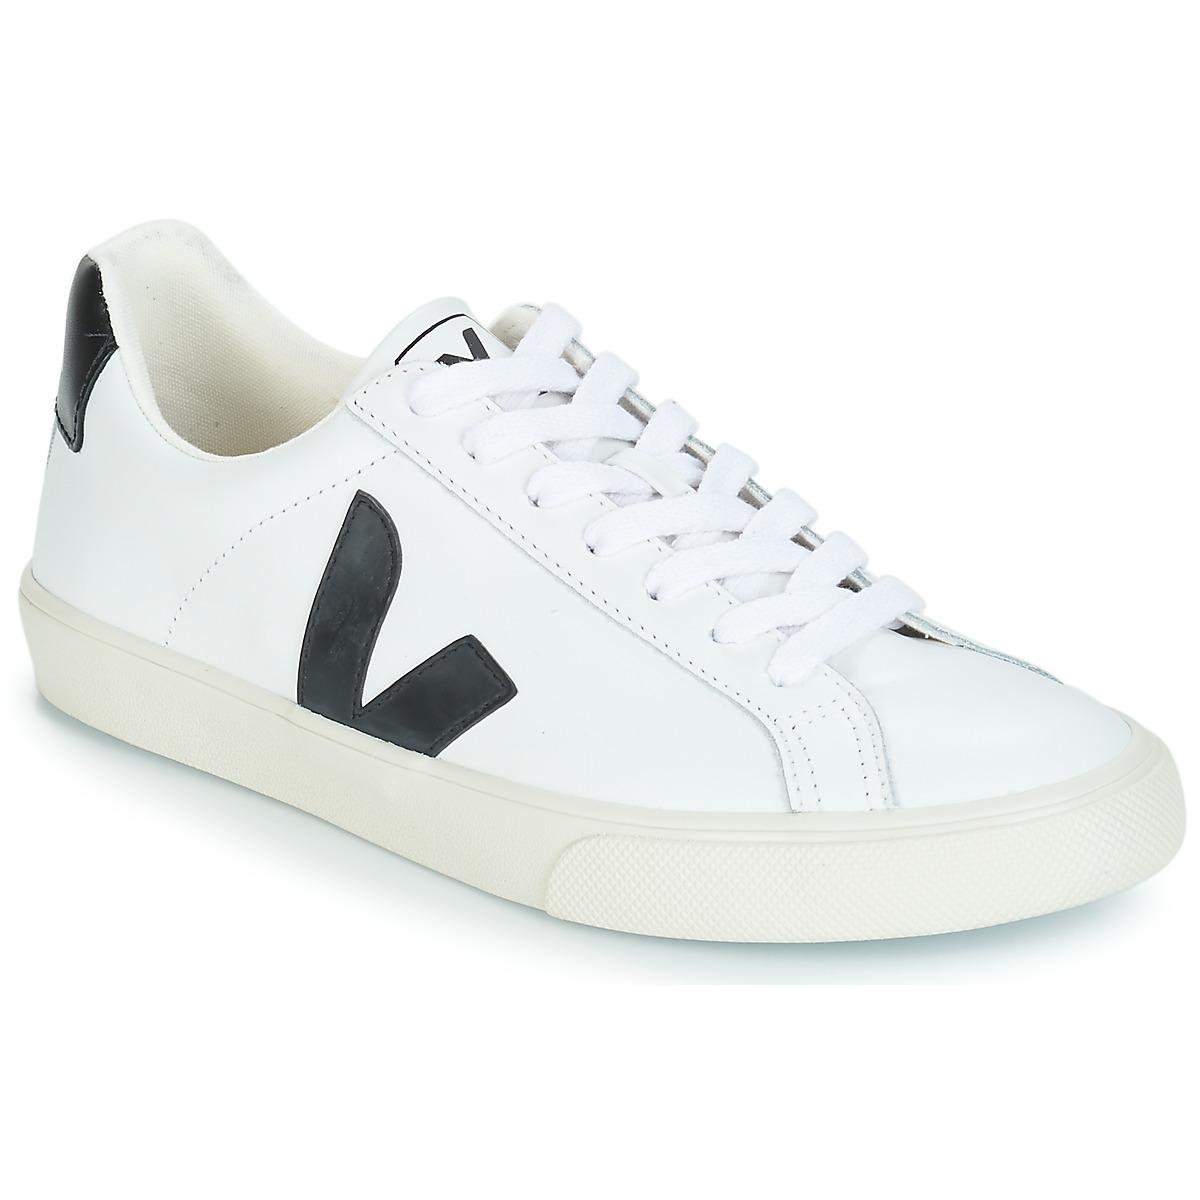 Veja ESPLAR LOW LOGO Weiss / Schwarz - Kostenloser Versand bei Spartoode ! - Schuhe Sneaker Low  79,19 €